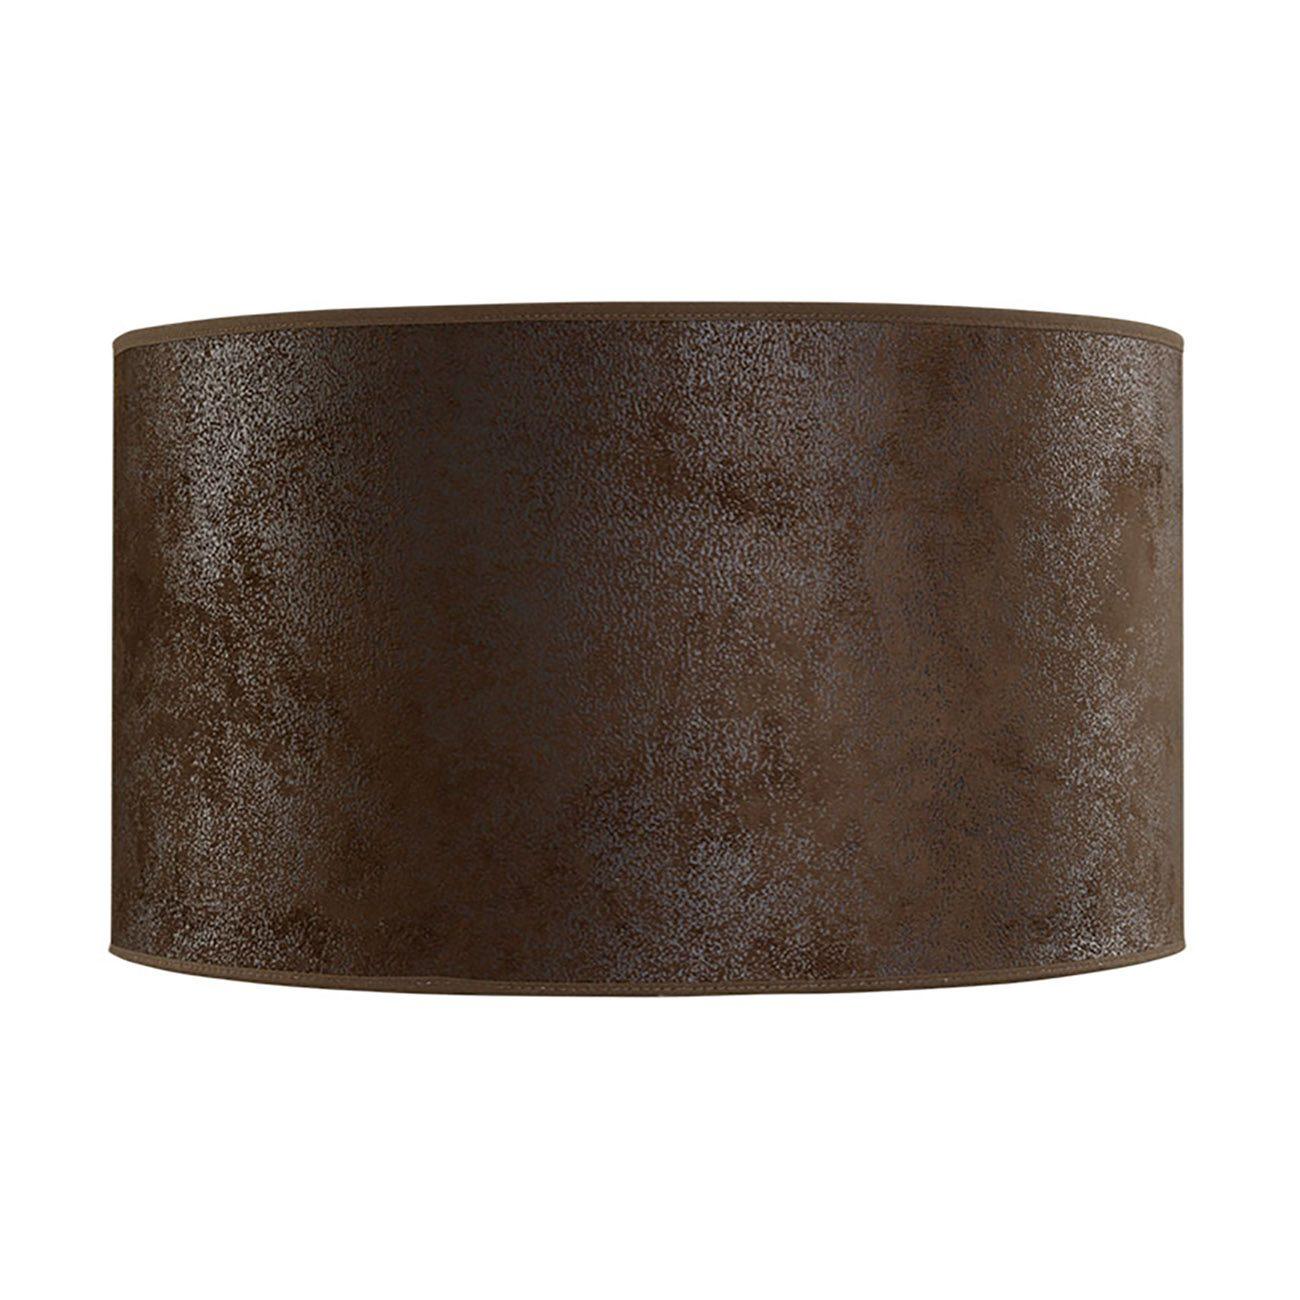 Lampskärm tillverkad i brun mocka från Artwood.